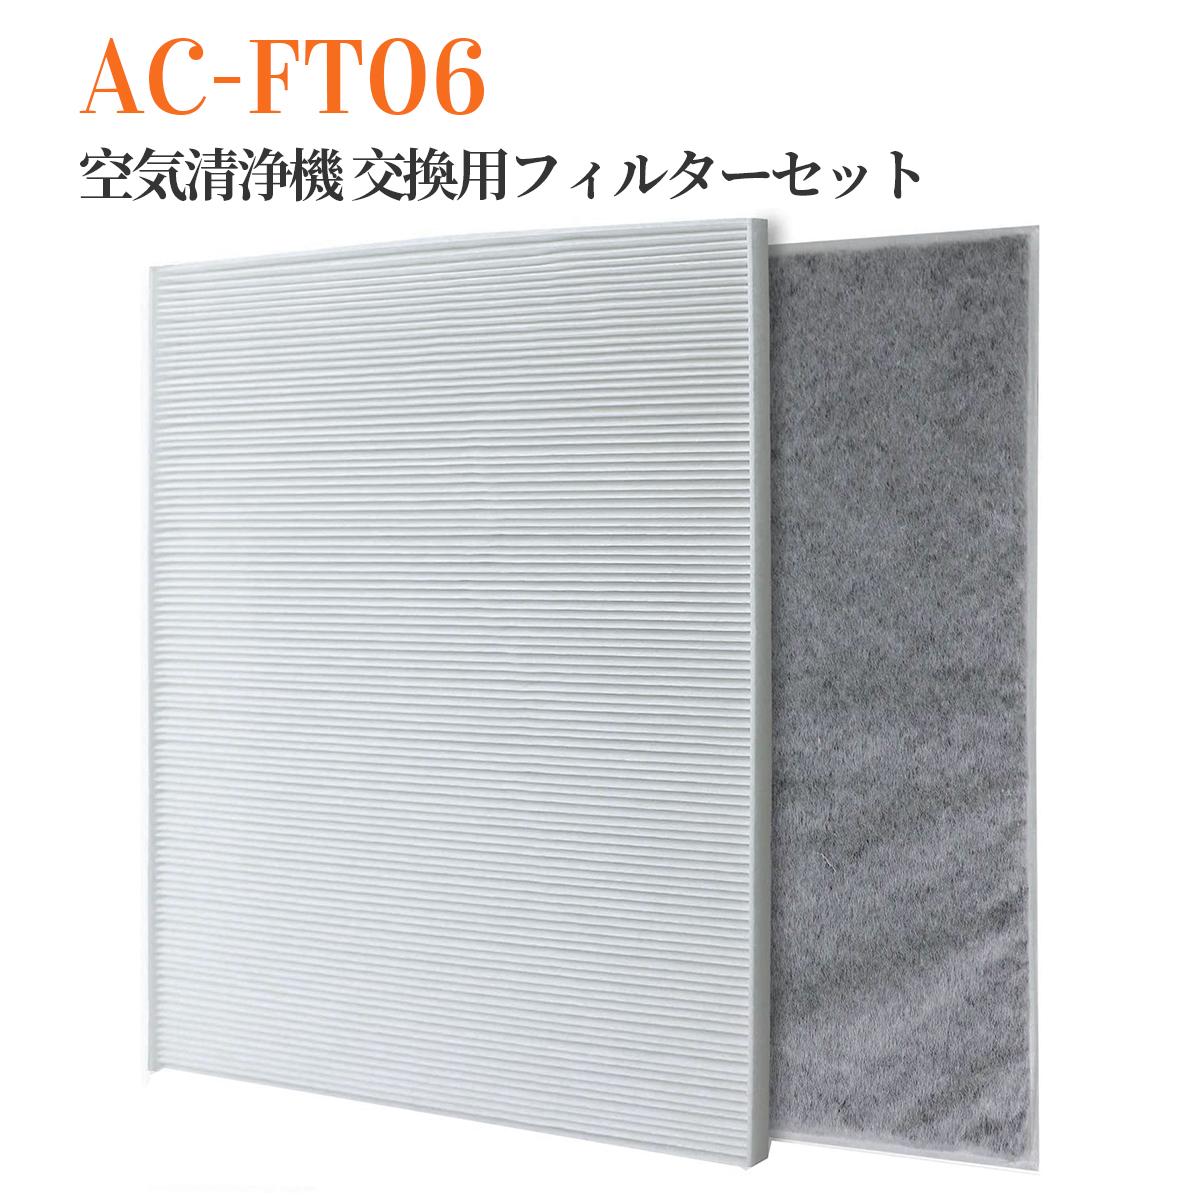 ツインバード空気清浄機フィルター acft06 集じんフィルター 脱臭フィルターのセット 全て日本国内発送 ツインバード AC-FT06 ラッピング無料 交換用フィルターセット ac-ft06 互換品 AC-D358PW用 HEPA集塵フィルター 空気清浄機 AC-4238 2枚入り 脱臭フィルター 2020春夏新作 AC-4357 フィルター